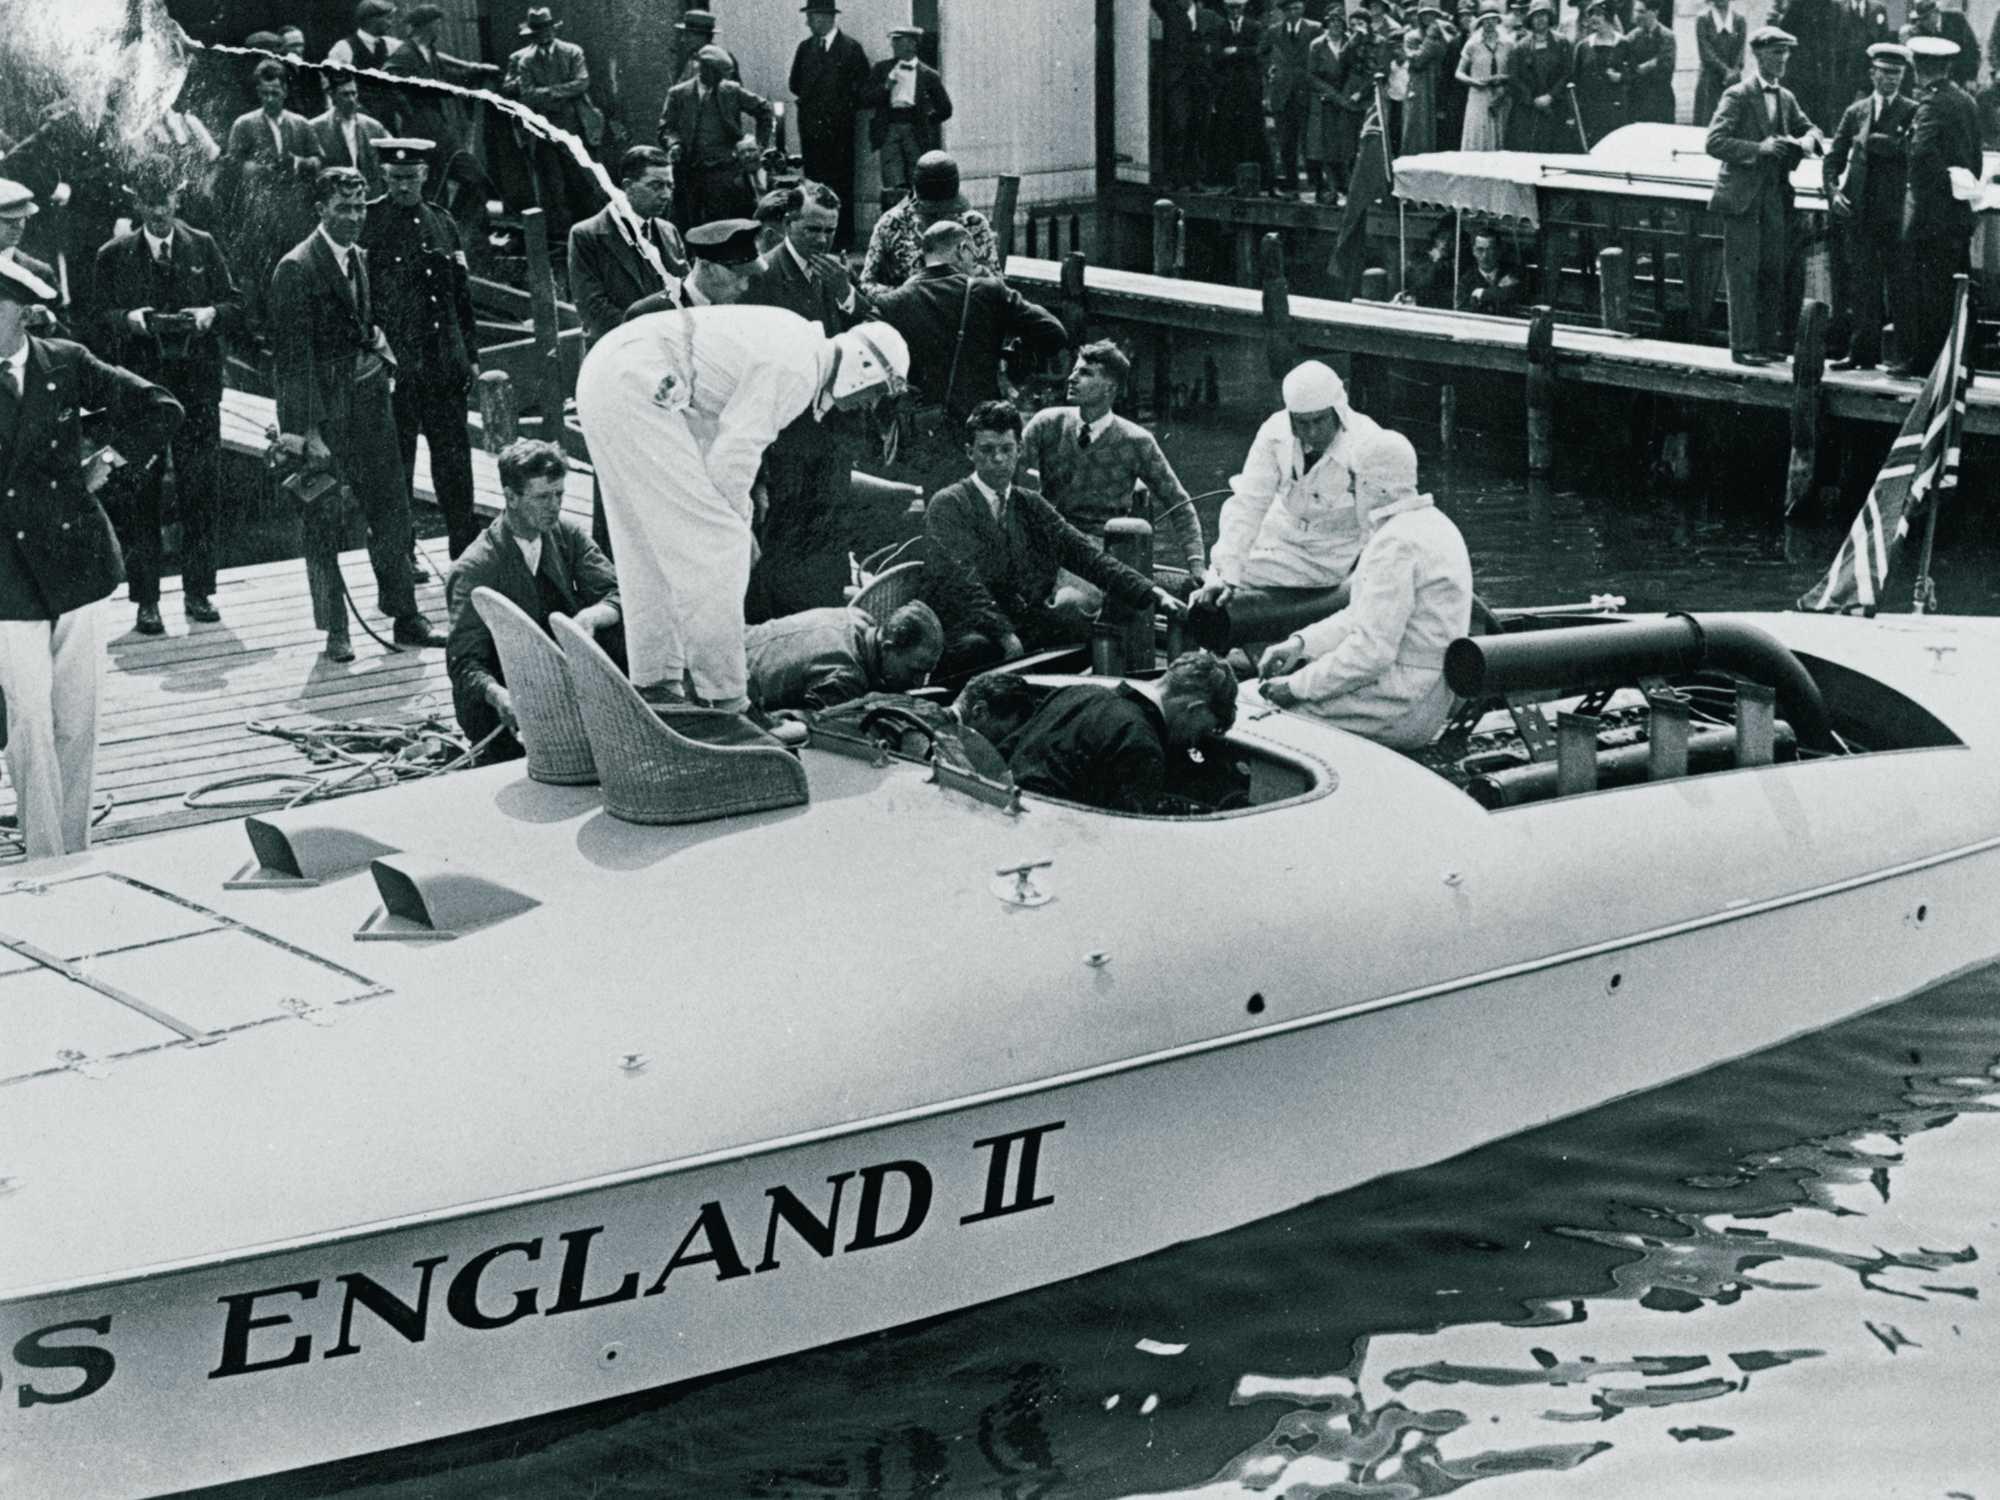 Miss England II med sine to R-motorer.